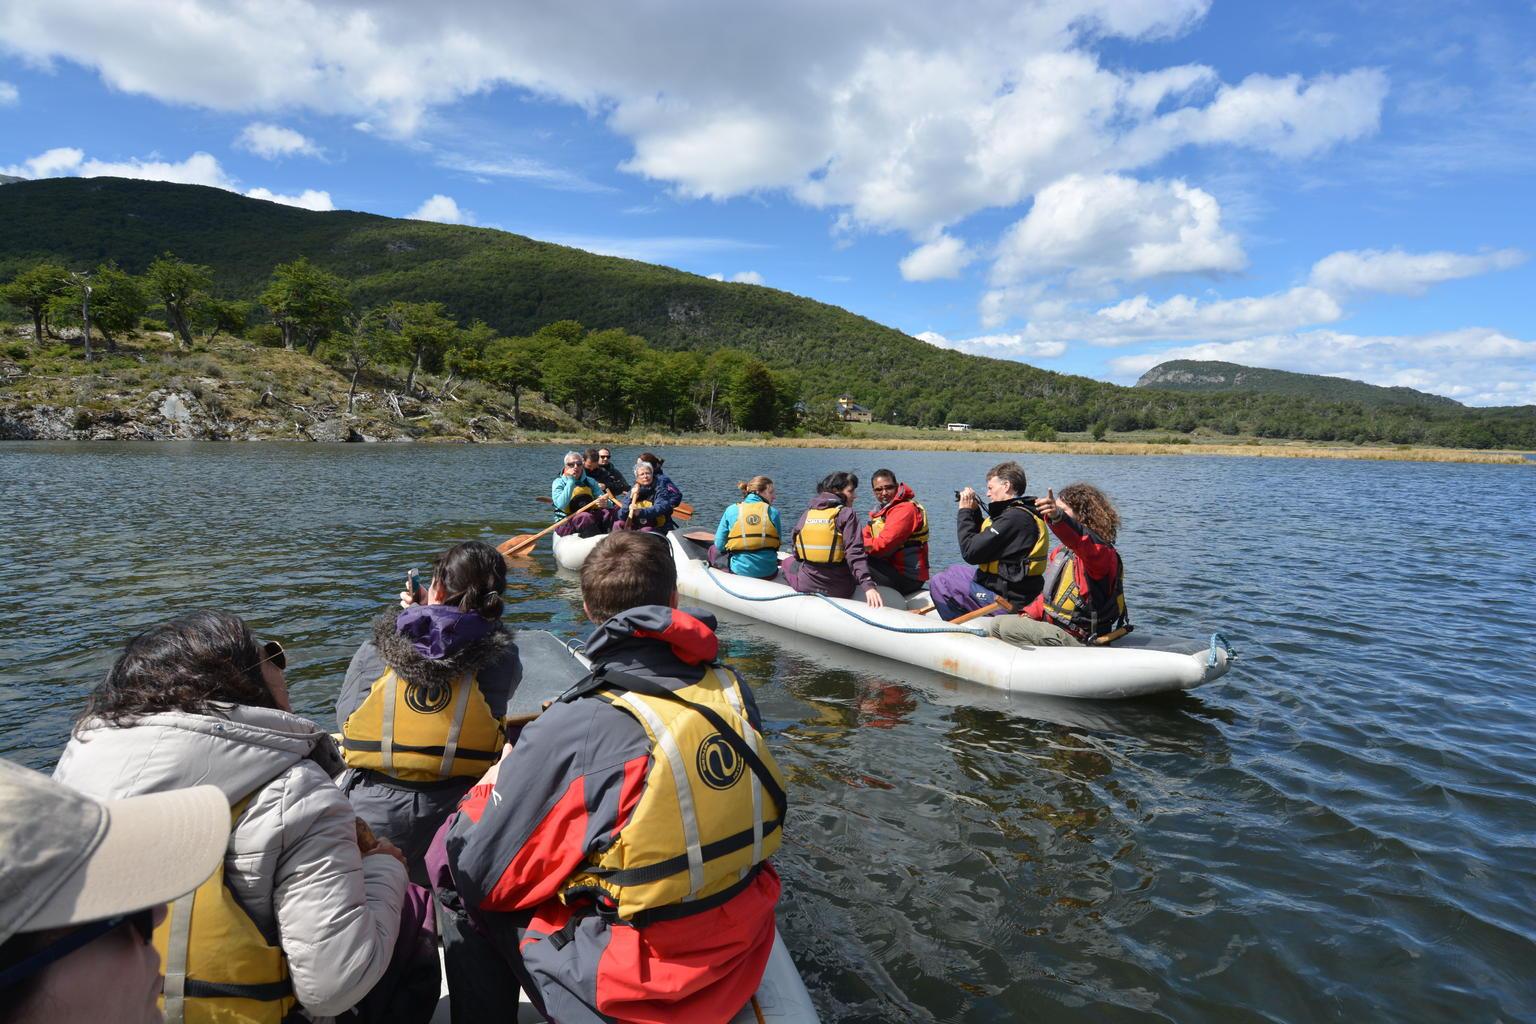 MÁS FOTOS, Tierra del Fuego National Park Hike and Canoe Tour